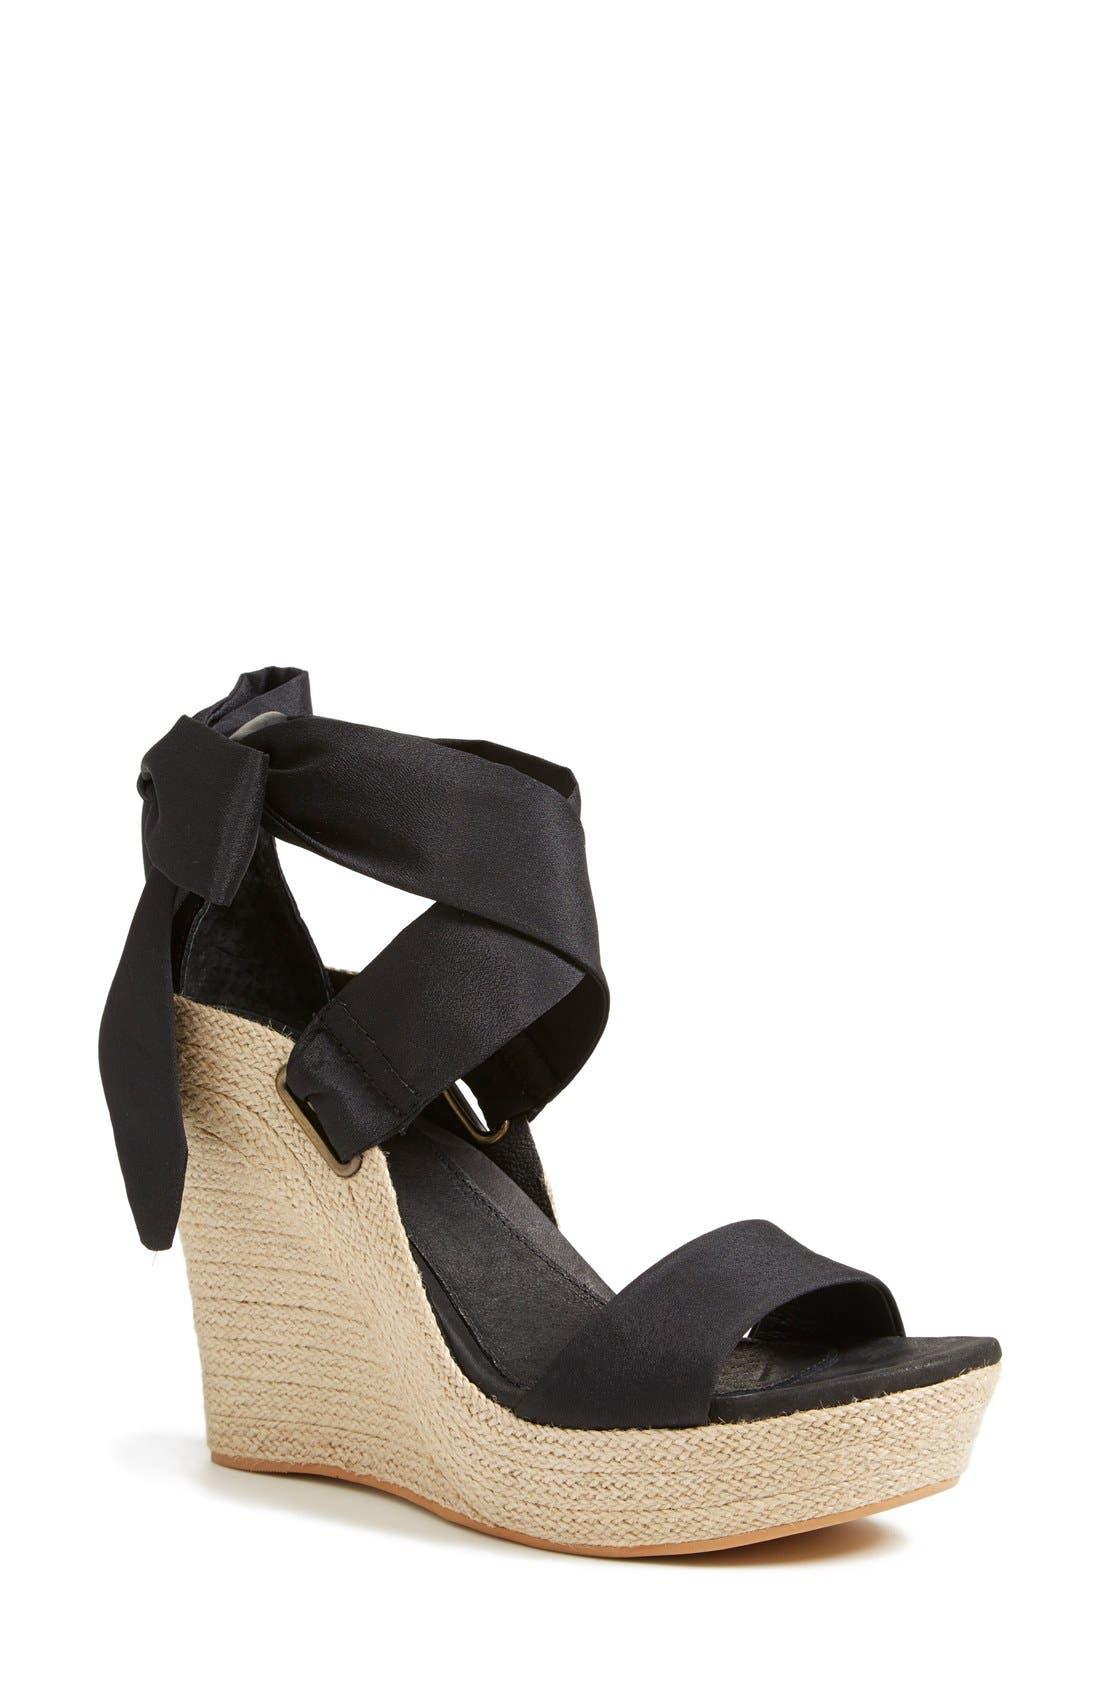 'Jules' Platform Wedge Sandal,                         Main,                         color, Black